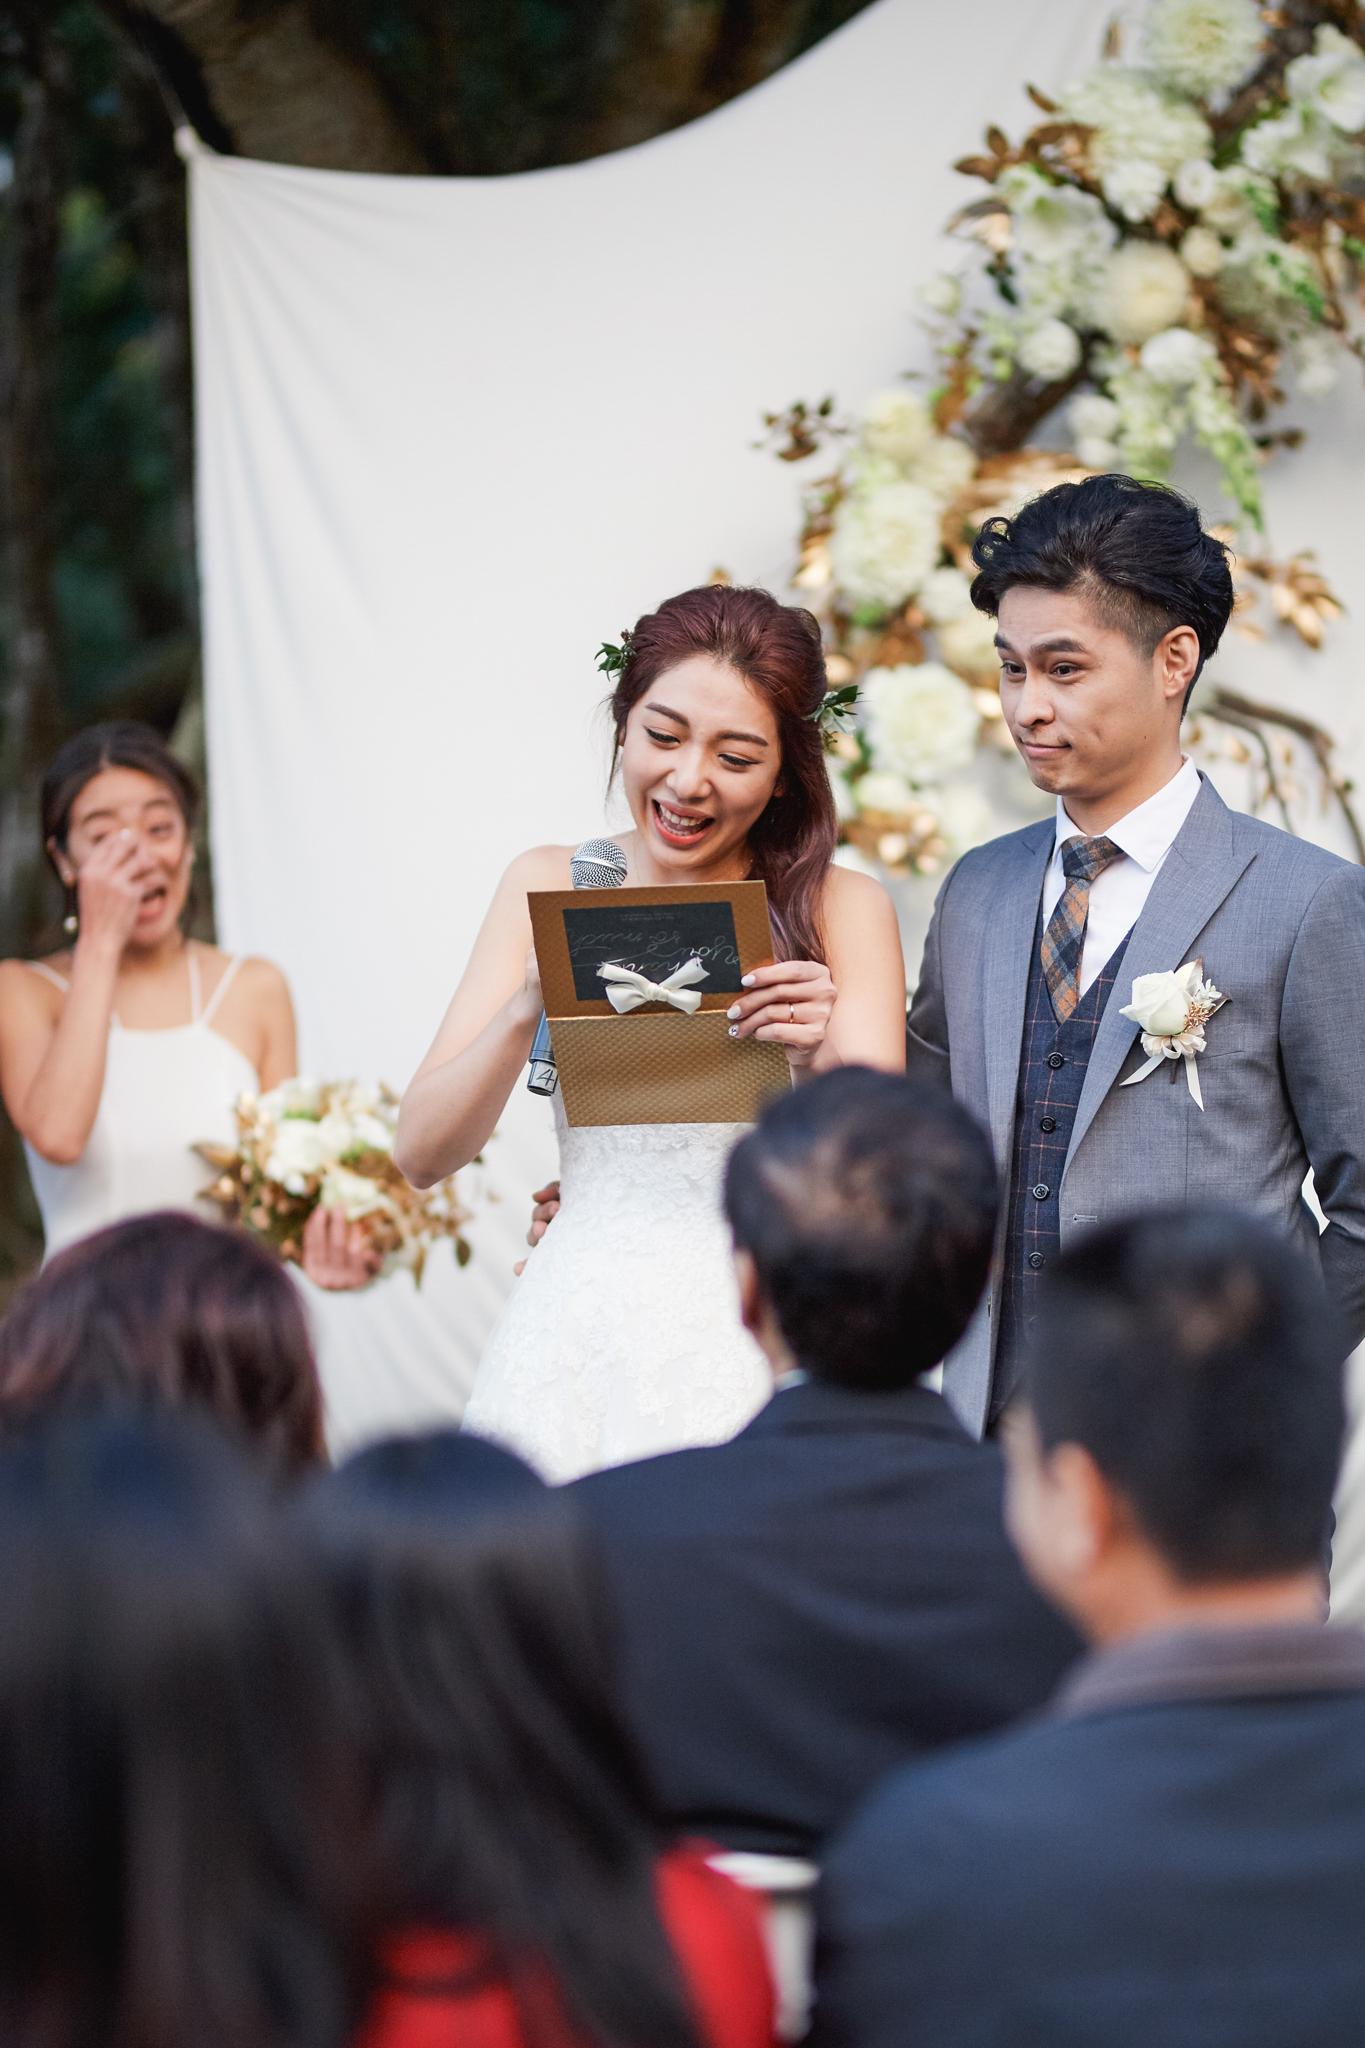 顏牧牧場婚禮, 婚攝推薦,台中婚攝,後院婚禮,戶外婚禮,美式婚禮-56